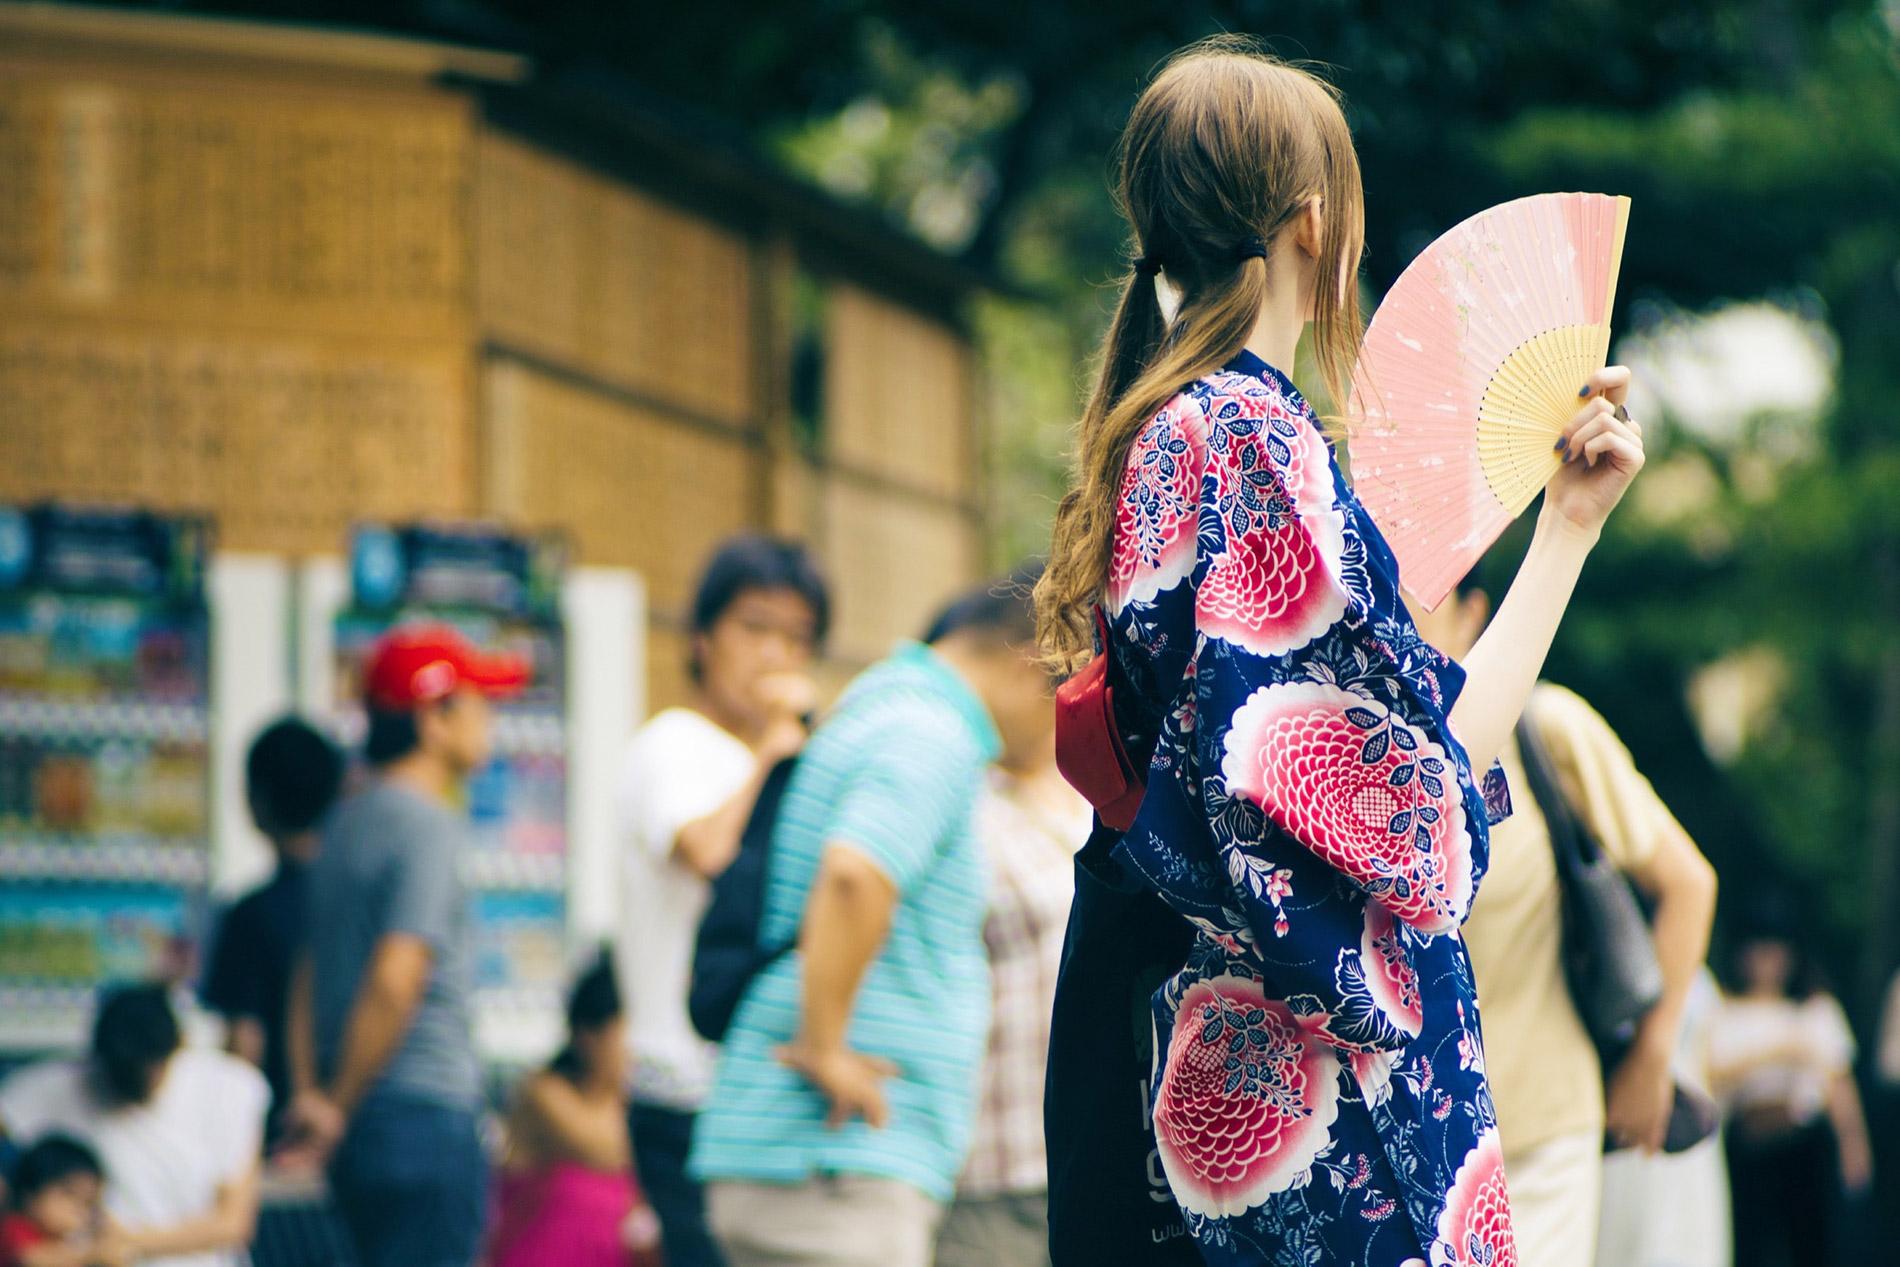 yukata sind farbenfrohe, leichte Baumwollkimono – perfekt für die heißen Temperaturen im japanischen Sommer. (Foto: Ryo Yoshitake auf Unsplash https://unsplash.com/photos/9cE54xgRDIk)